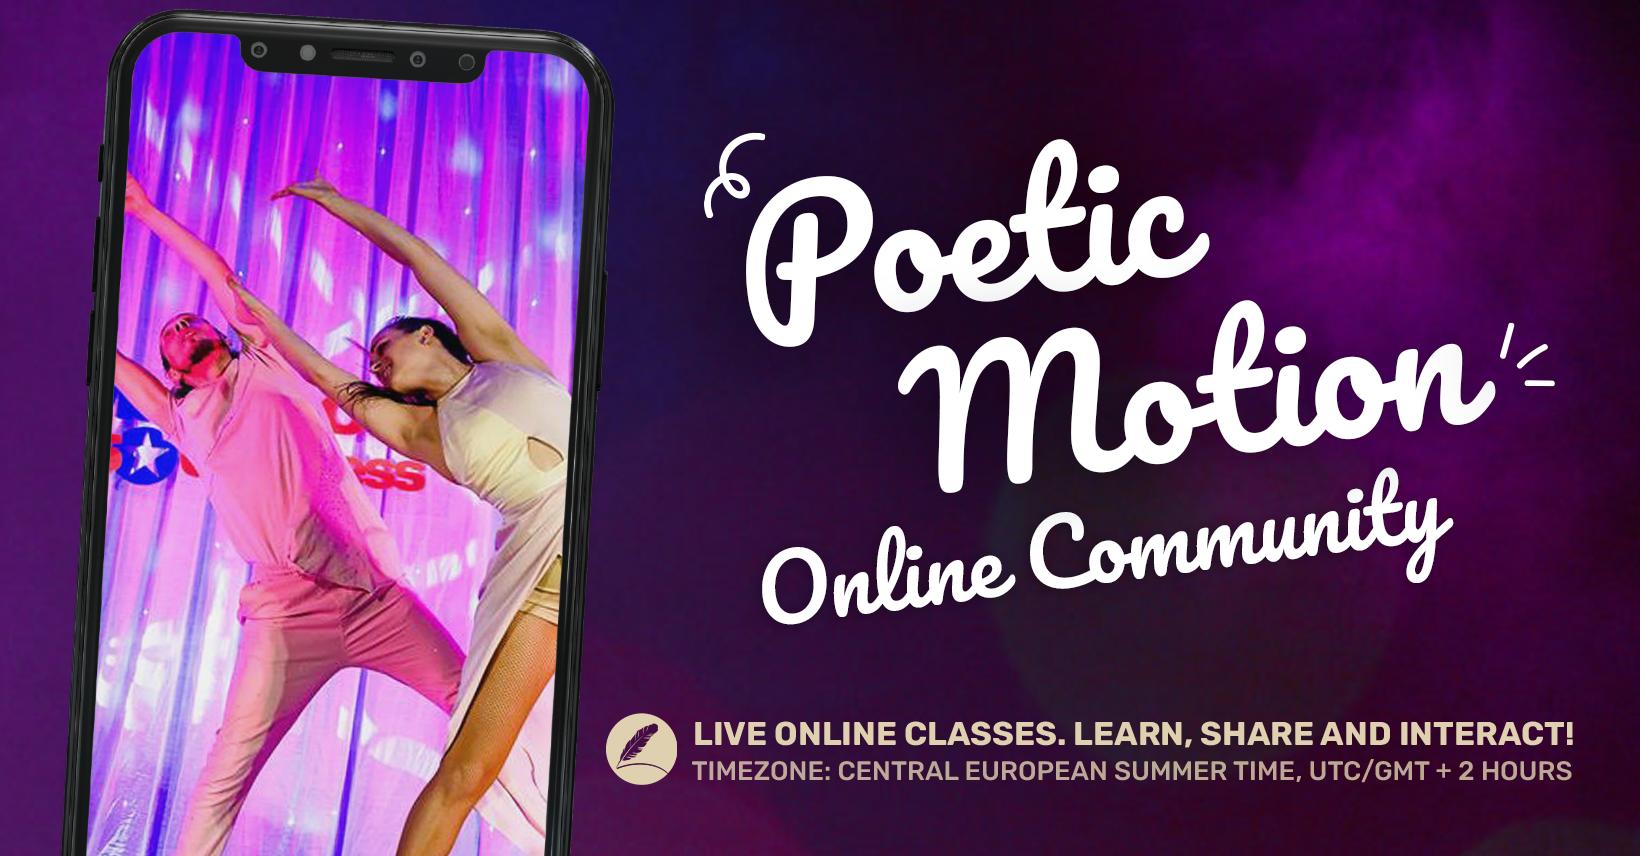 Nieuwe online lessen toegevoegd!